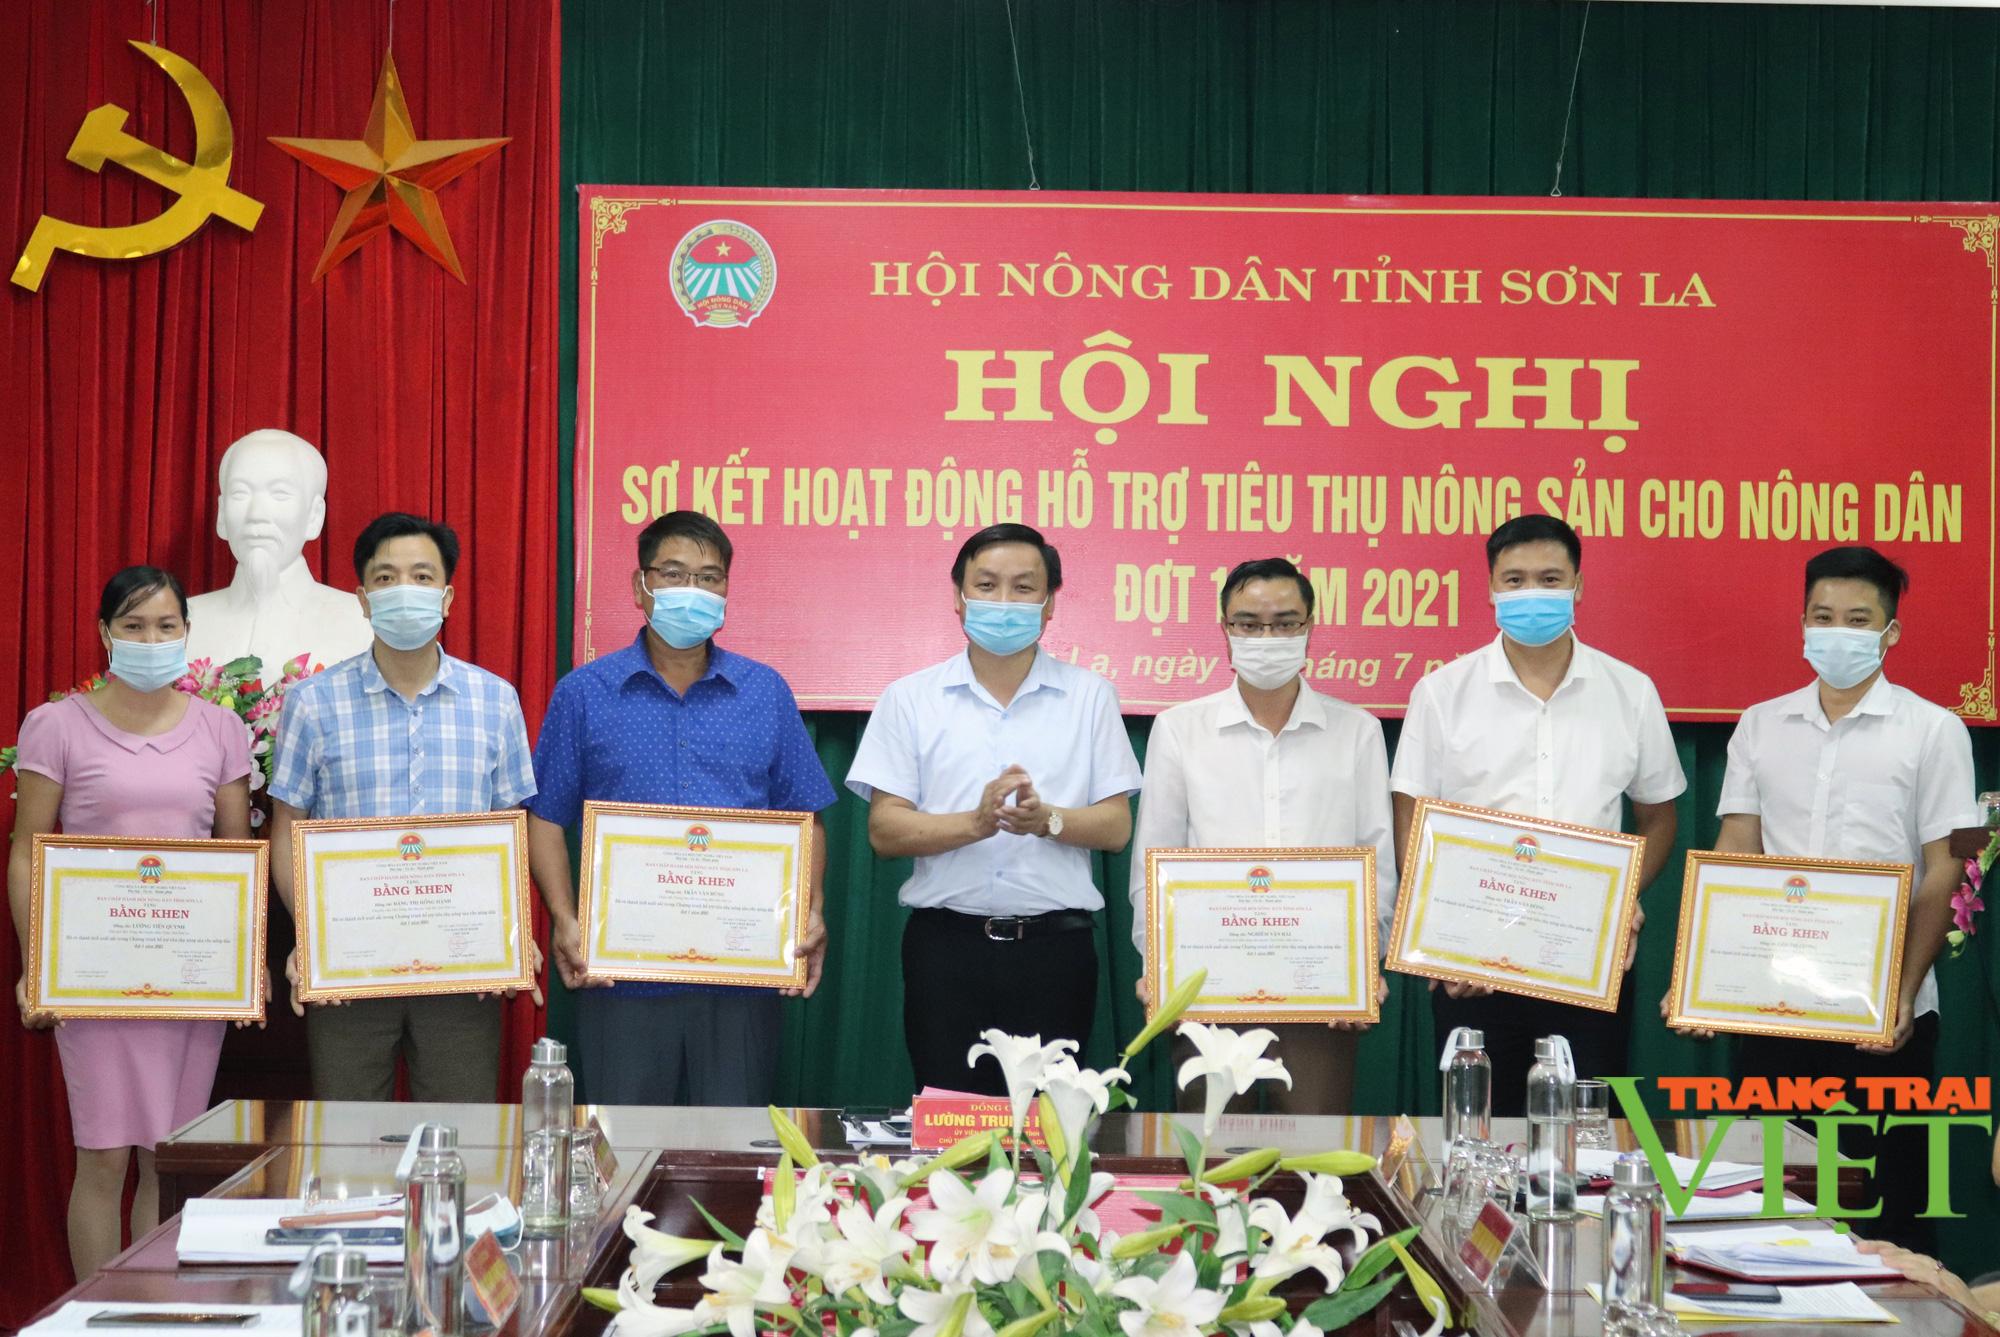 Các cấp Hội Nông dân tỉnh Sơn La hỗ trợ tiêu thụ gần 5.000 tấn nông sản - Ảnh 4.